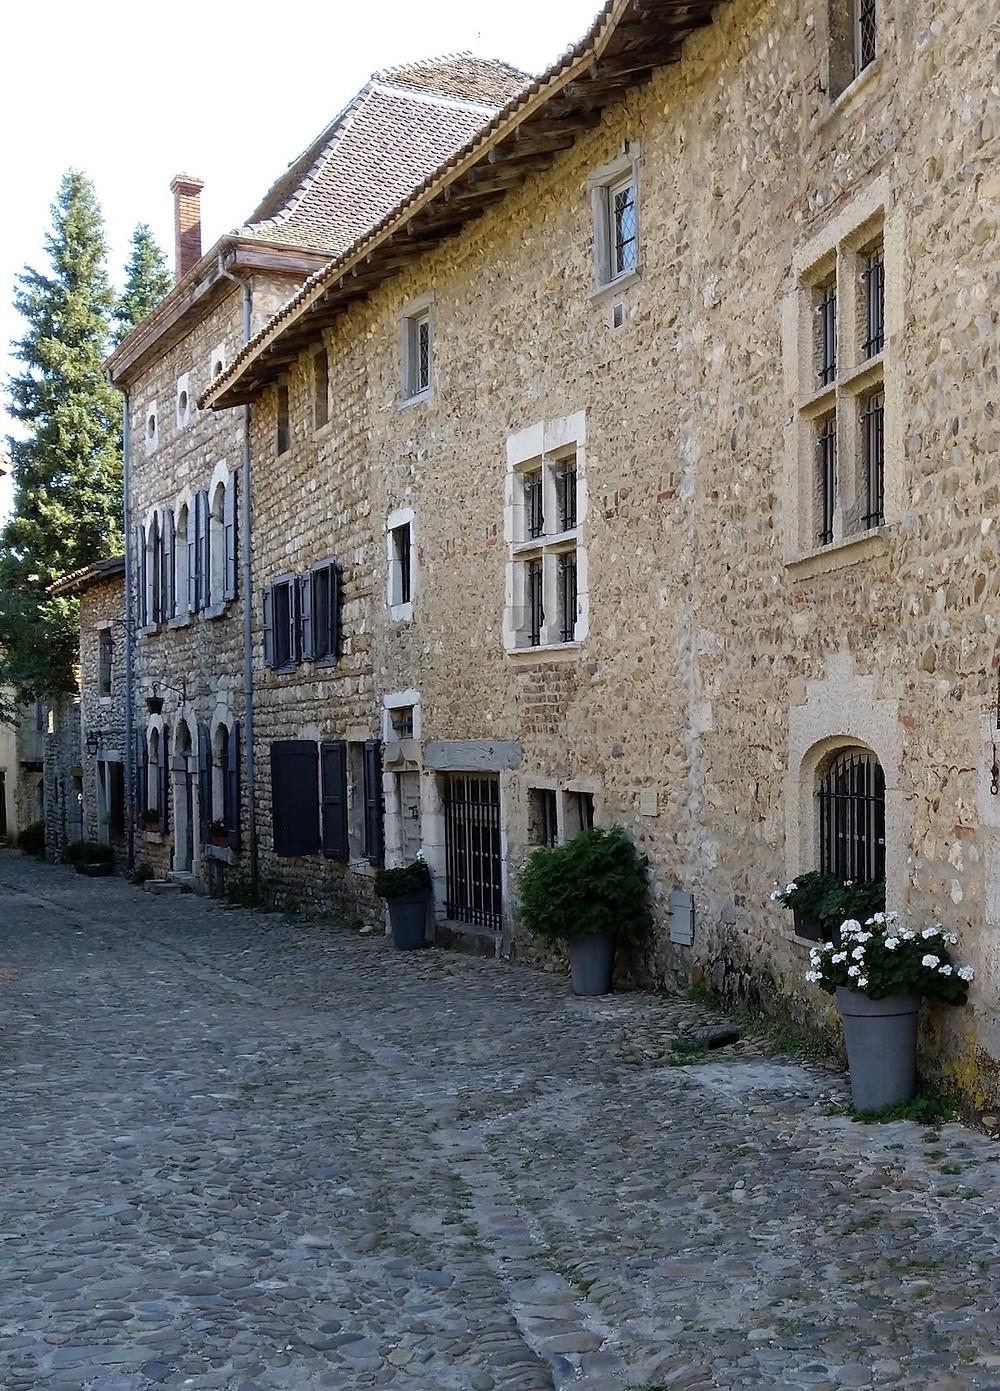 Pérouges plus beau lieu à visiter tourisme dans la région Auvergne-Rhône-Alpes